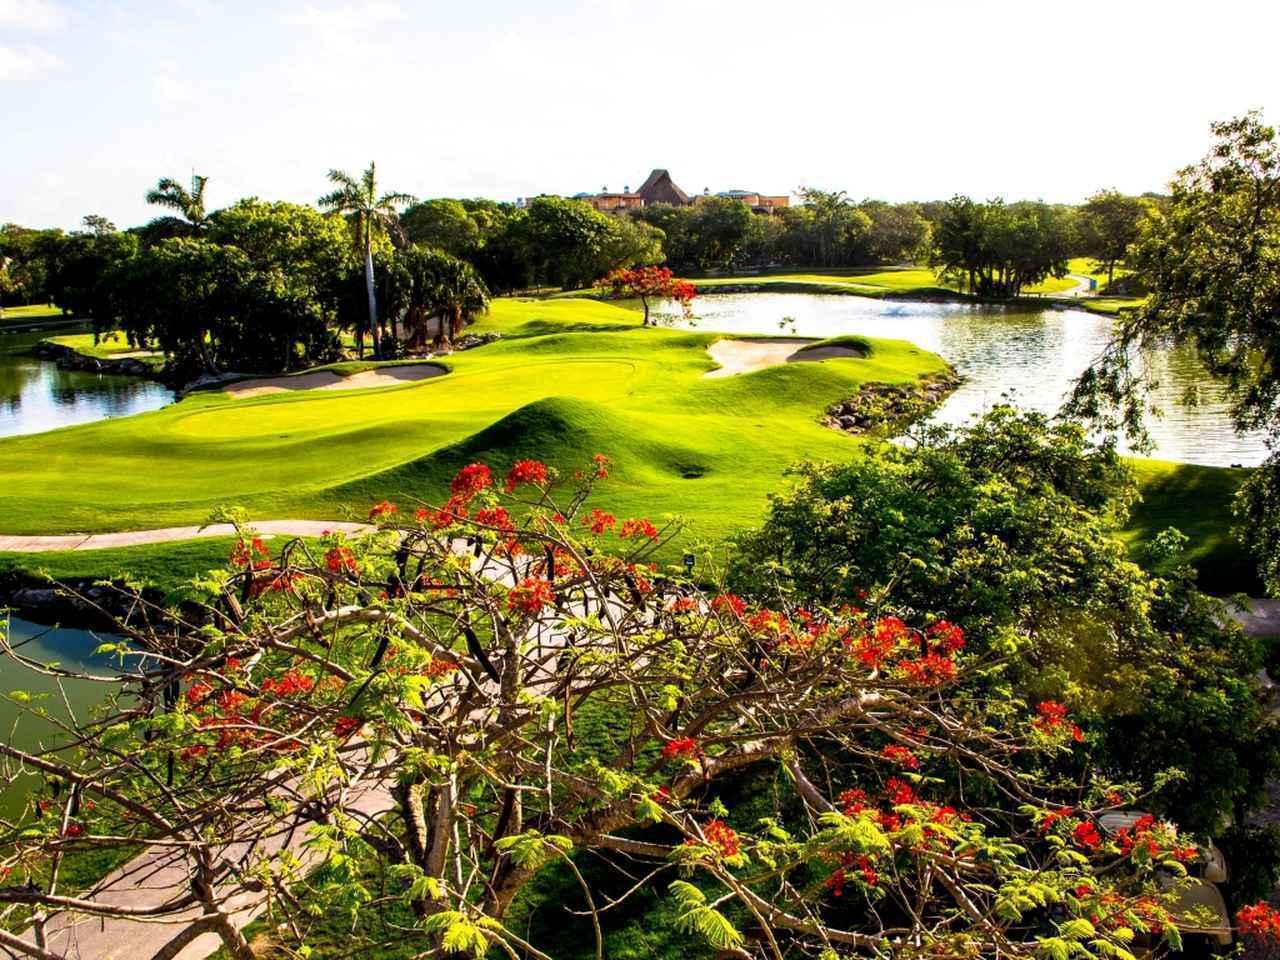 画像: 【メキシコ・カンクン】セレブが集まるシーリゾート「リビエラマヤ」。18歳以上限定オールインクルーシブホテルとマヤ遺跡に囲まれた名コース - ゴルフへ行こうWEB by ゴルフダイジェスト